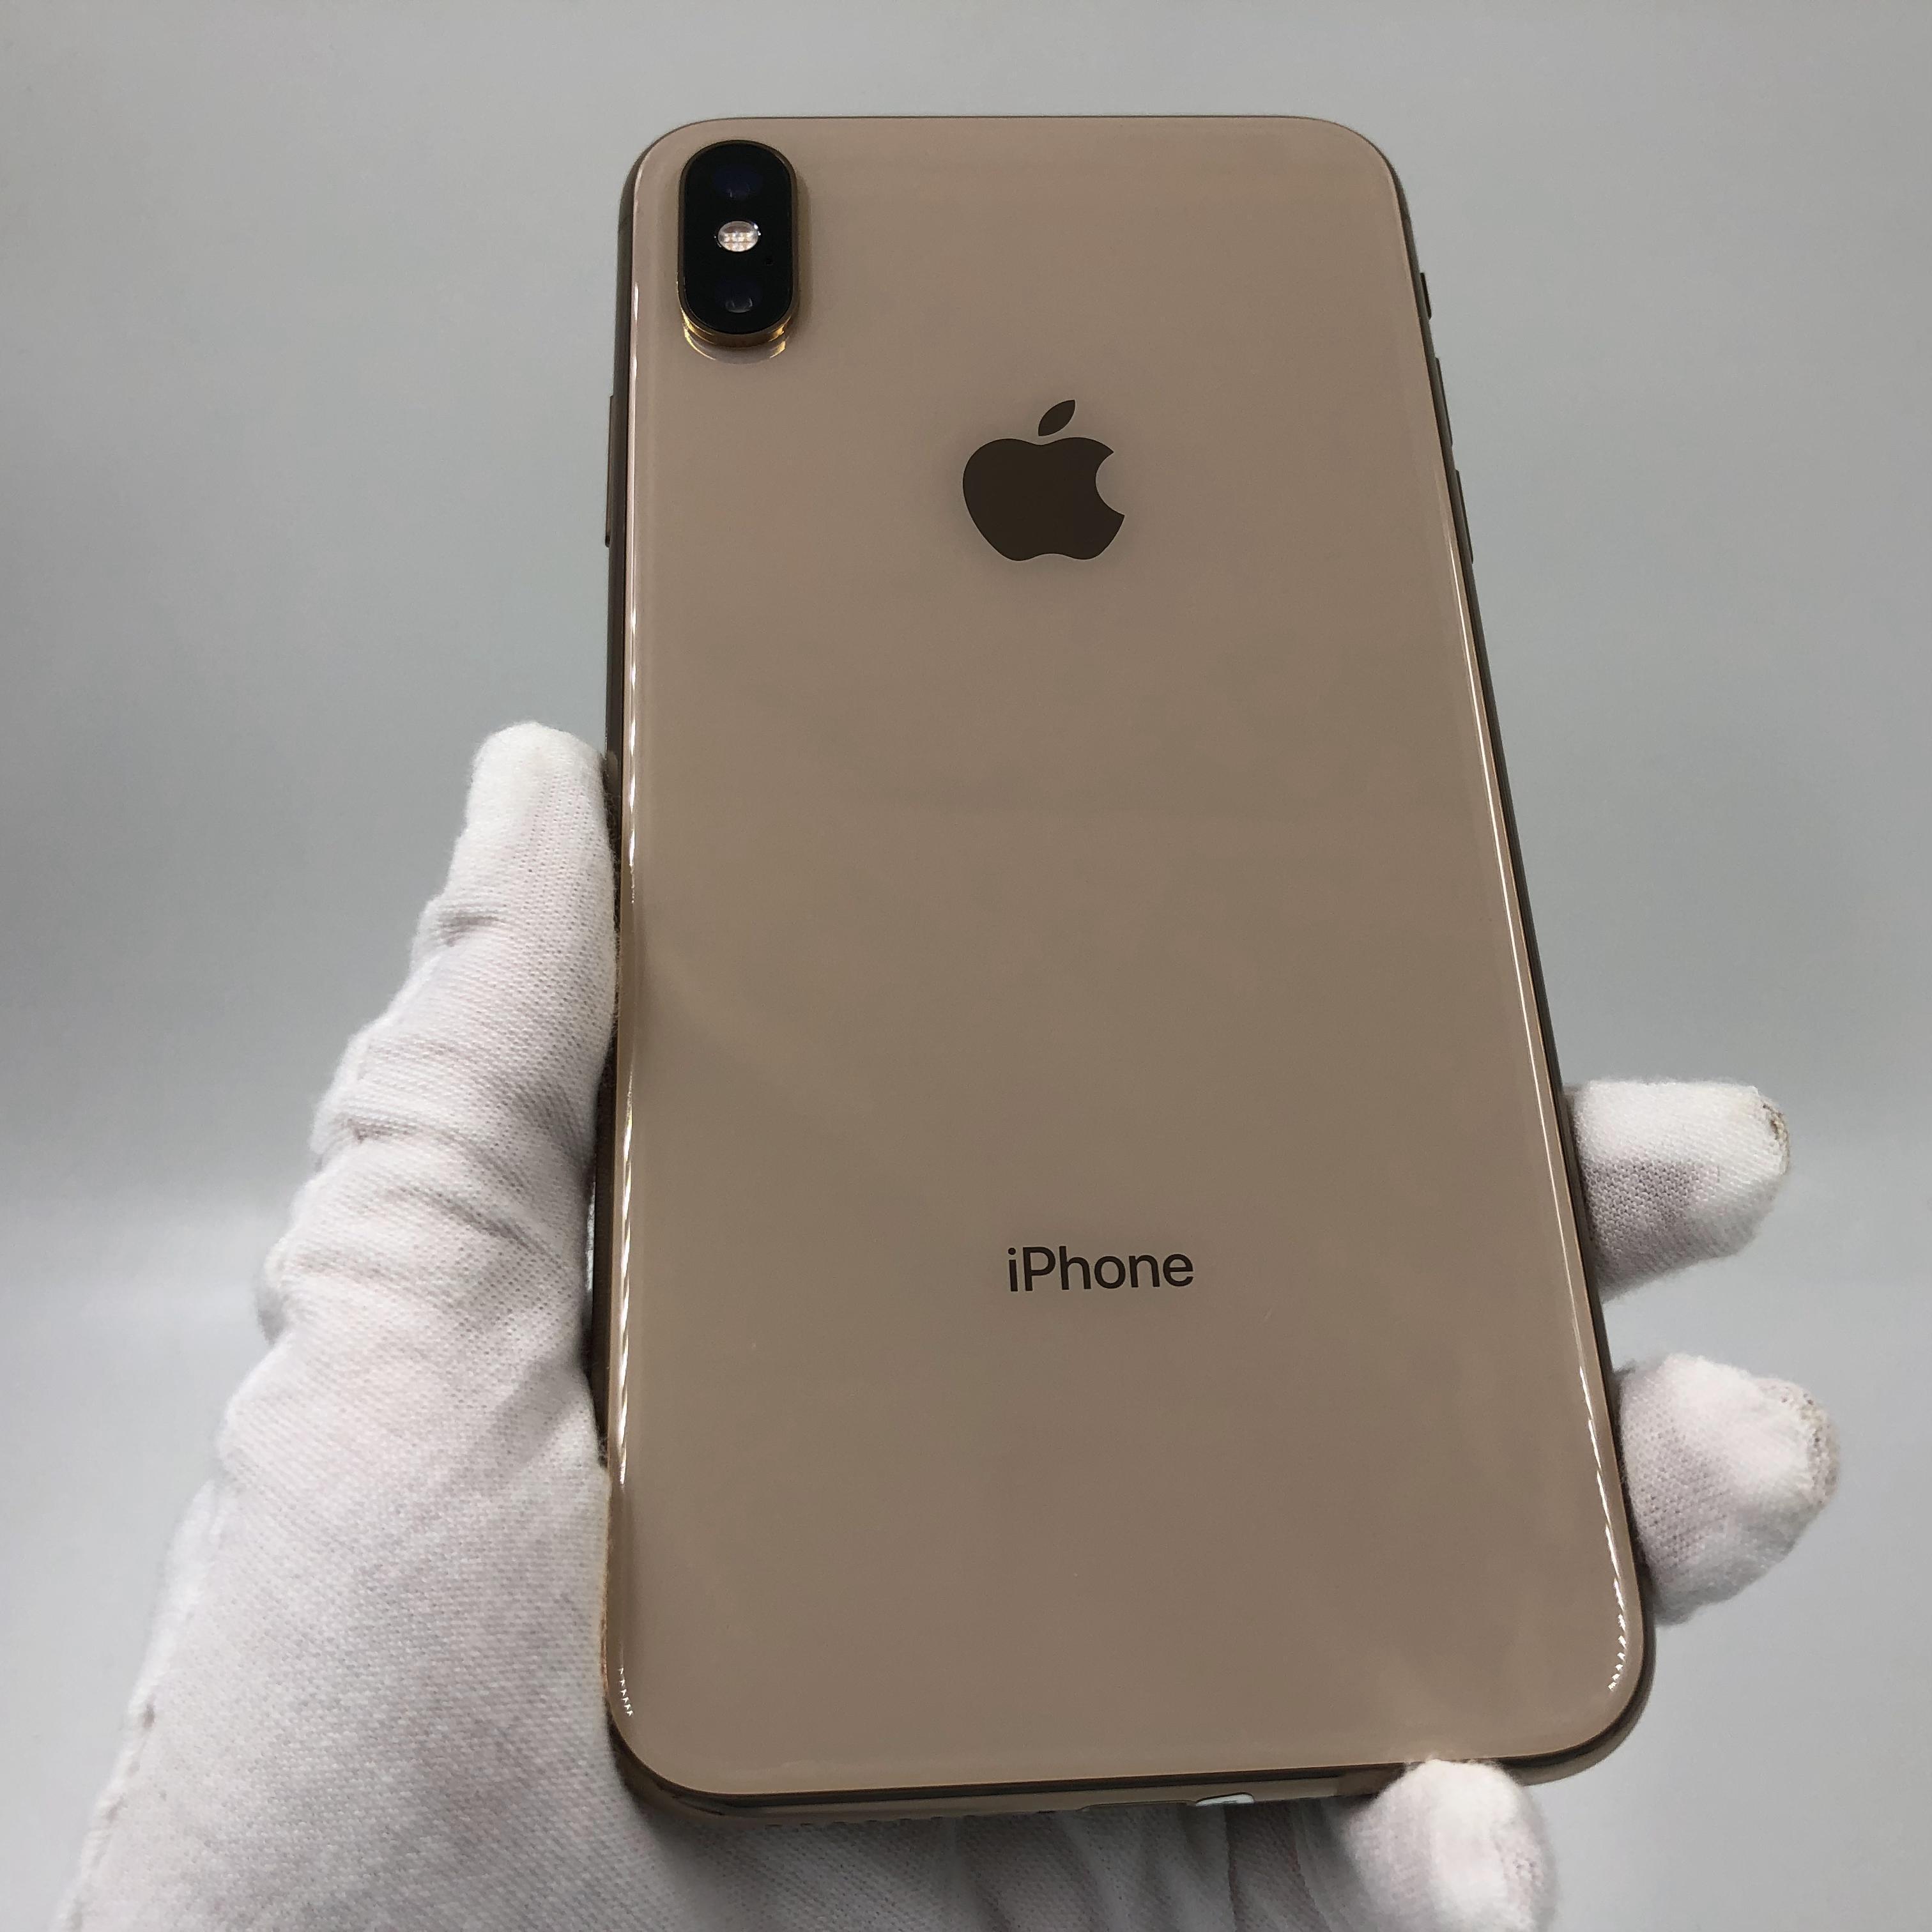 苹果【iPhone Xs Max】4G全网通 金色 256G 国行 8成新 真机实拍